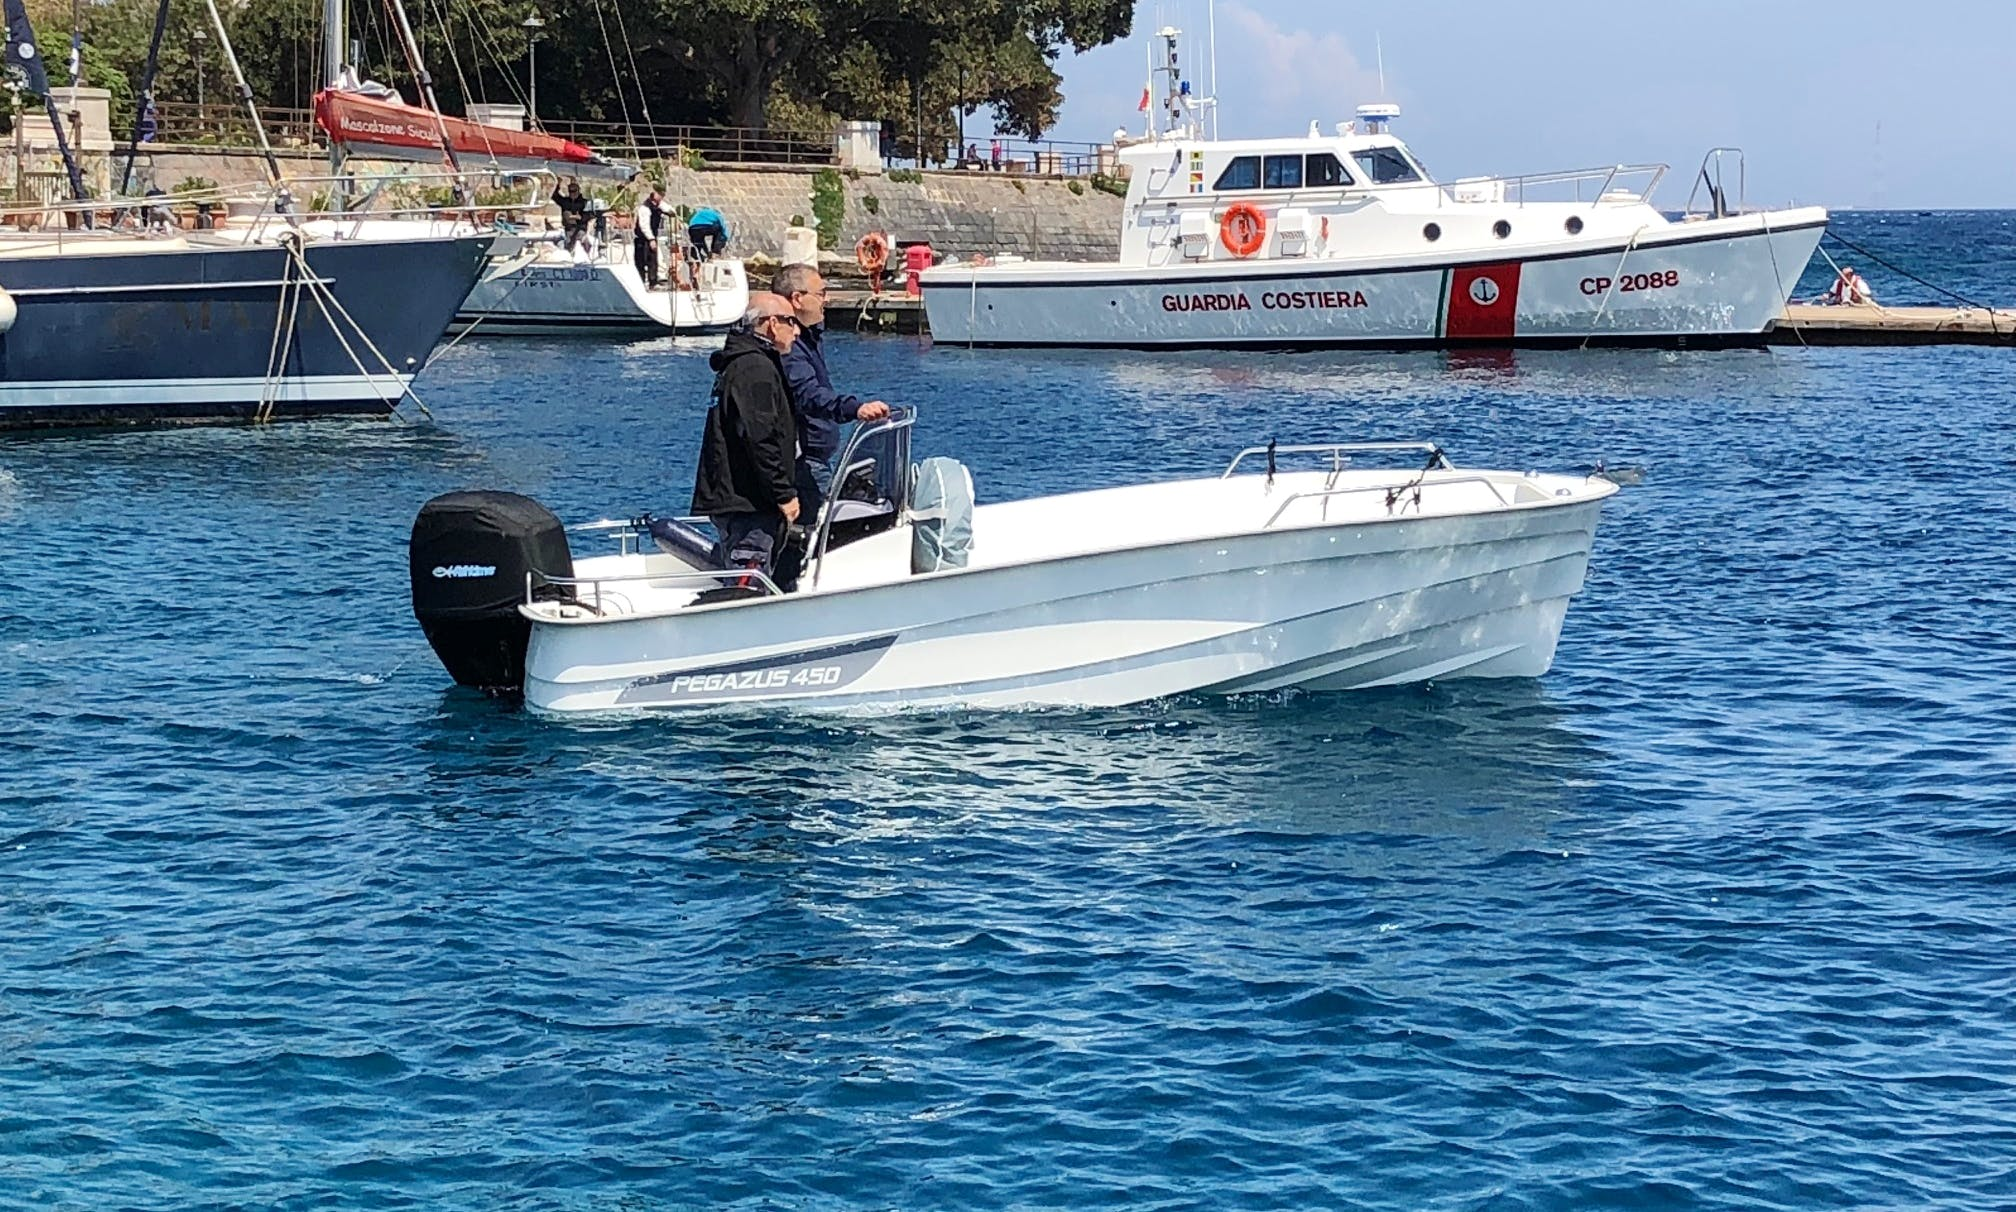 Walk Around fishing charter in Messina, Italy